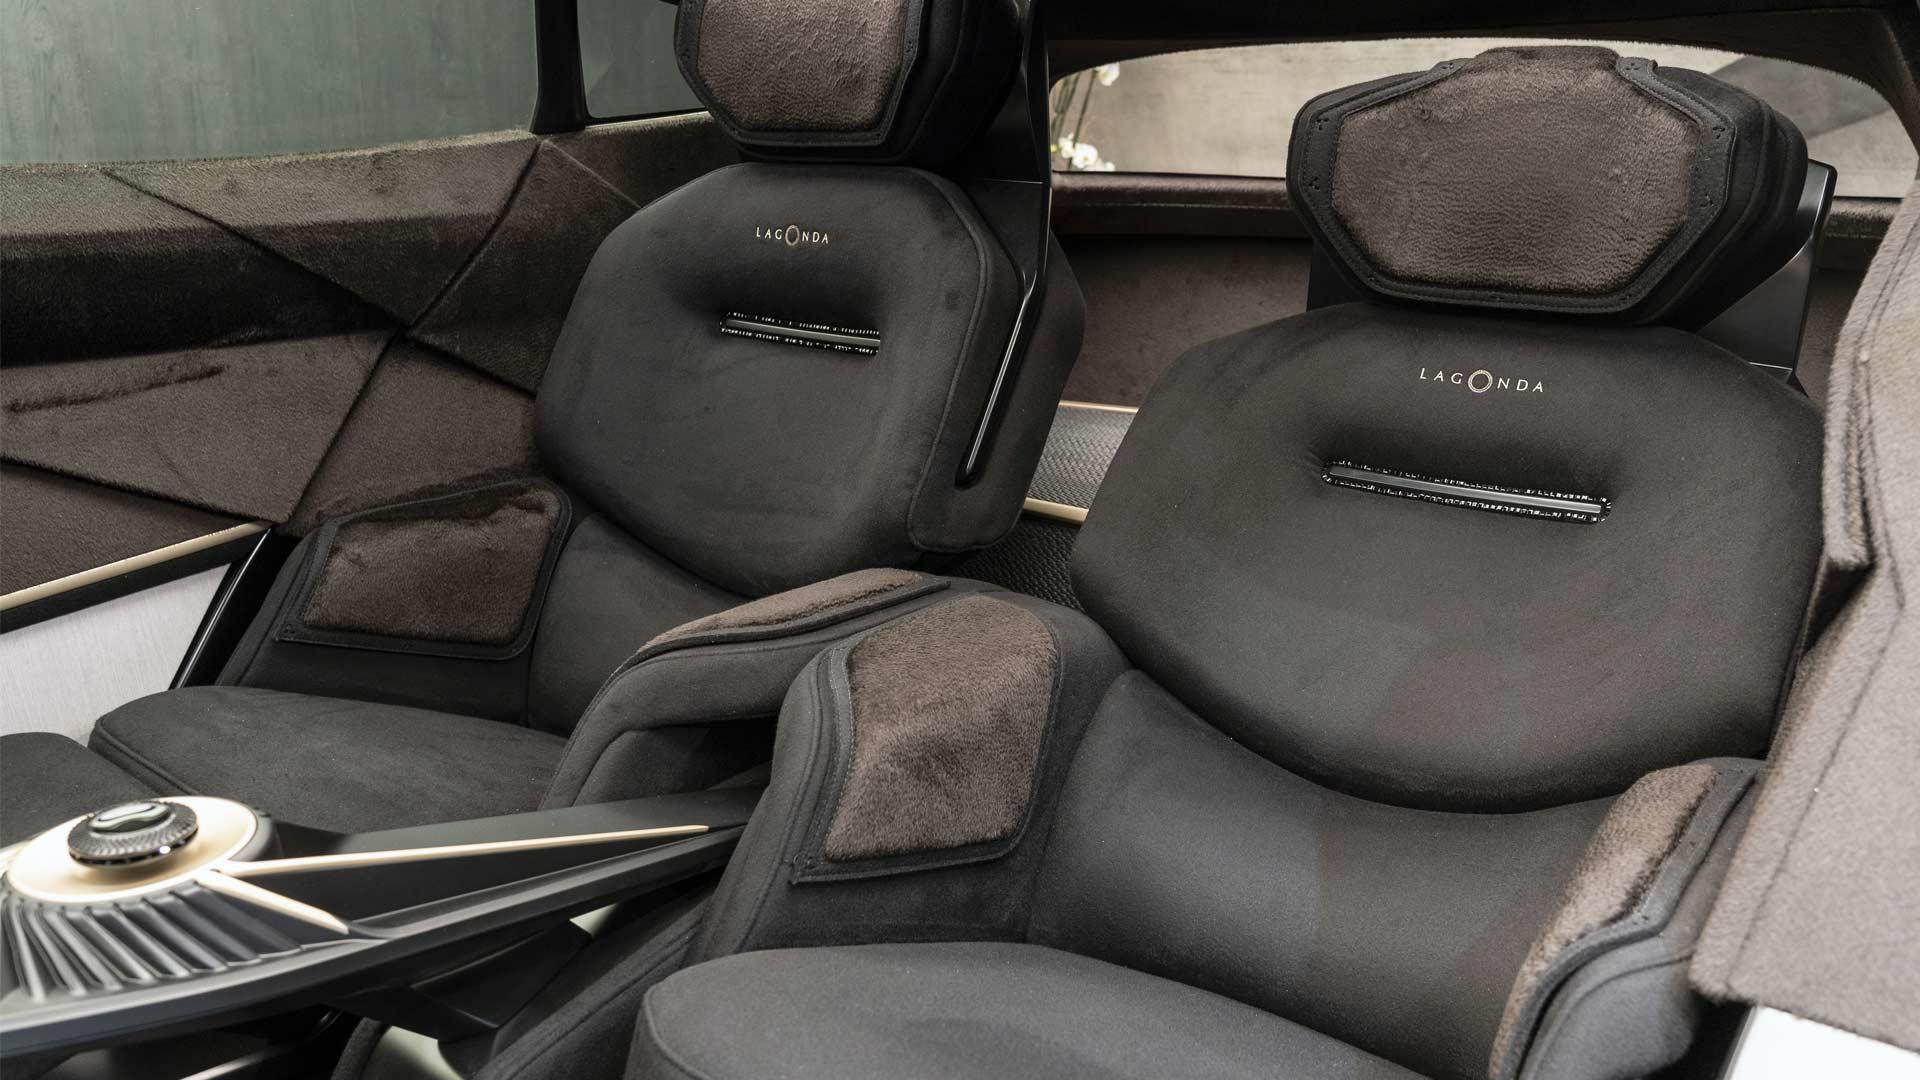 Lagona All Terrain Concept Interior SUV_3